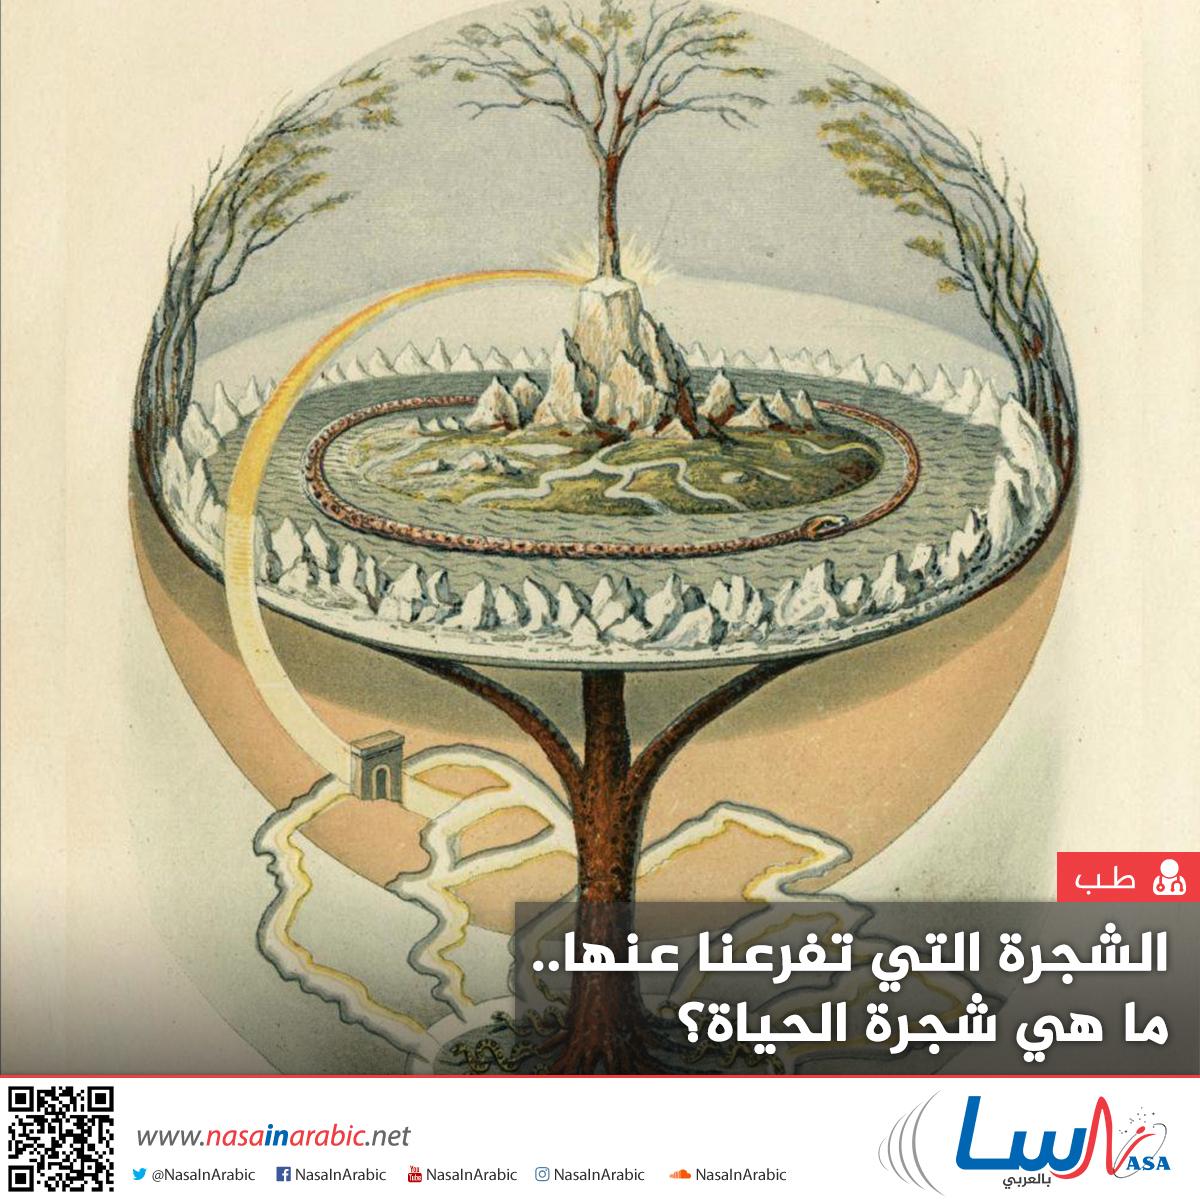 الشجرة التي تفرعنا عنها.. ما هي شجرة الحياة؟